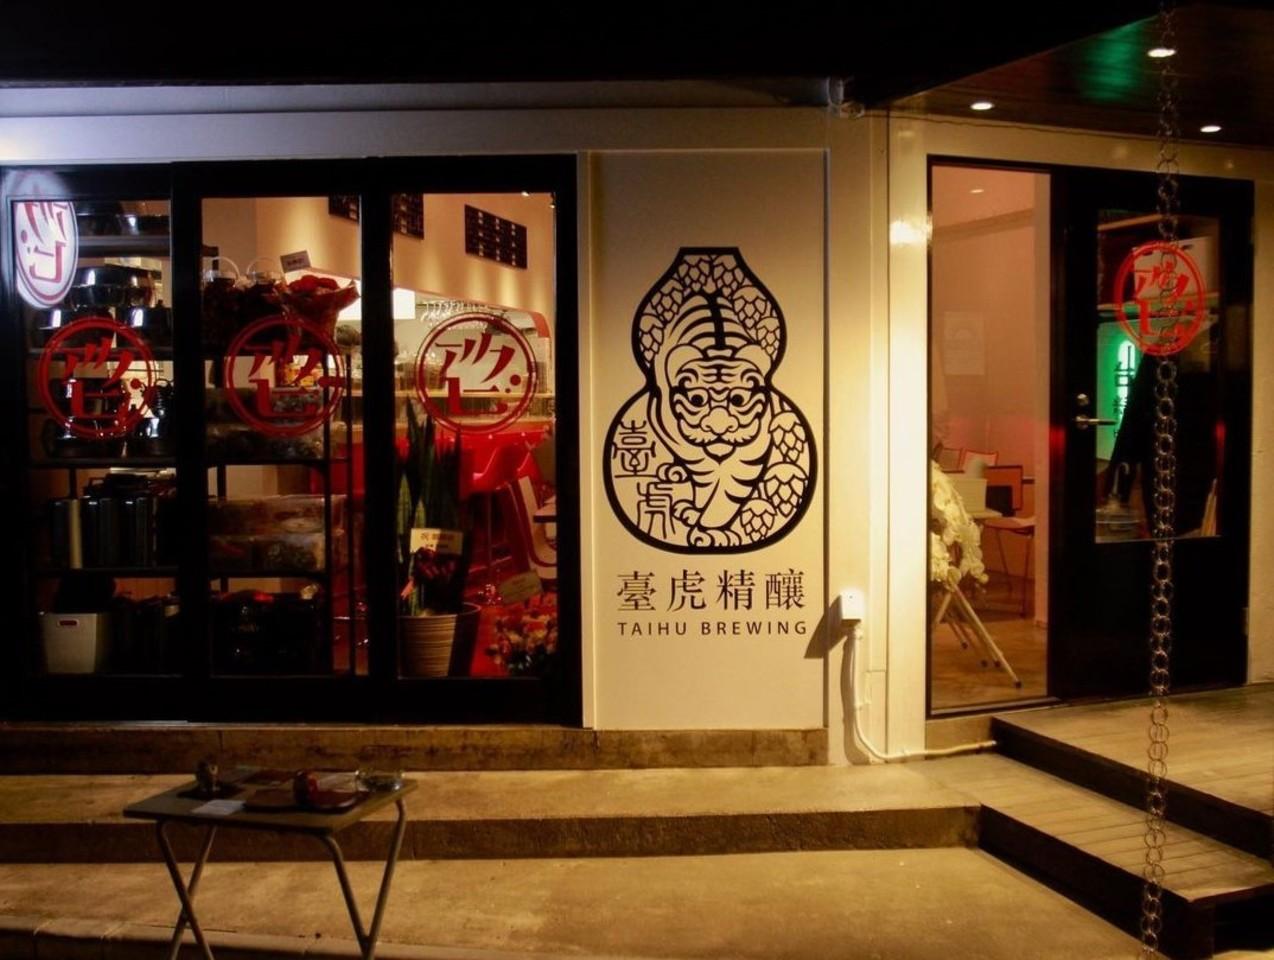 本格台湾火鍋と台湾発クラフトビール...東京都渋谷区猿楽町に「アクビ」2/12オープン